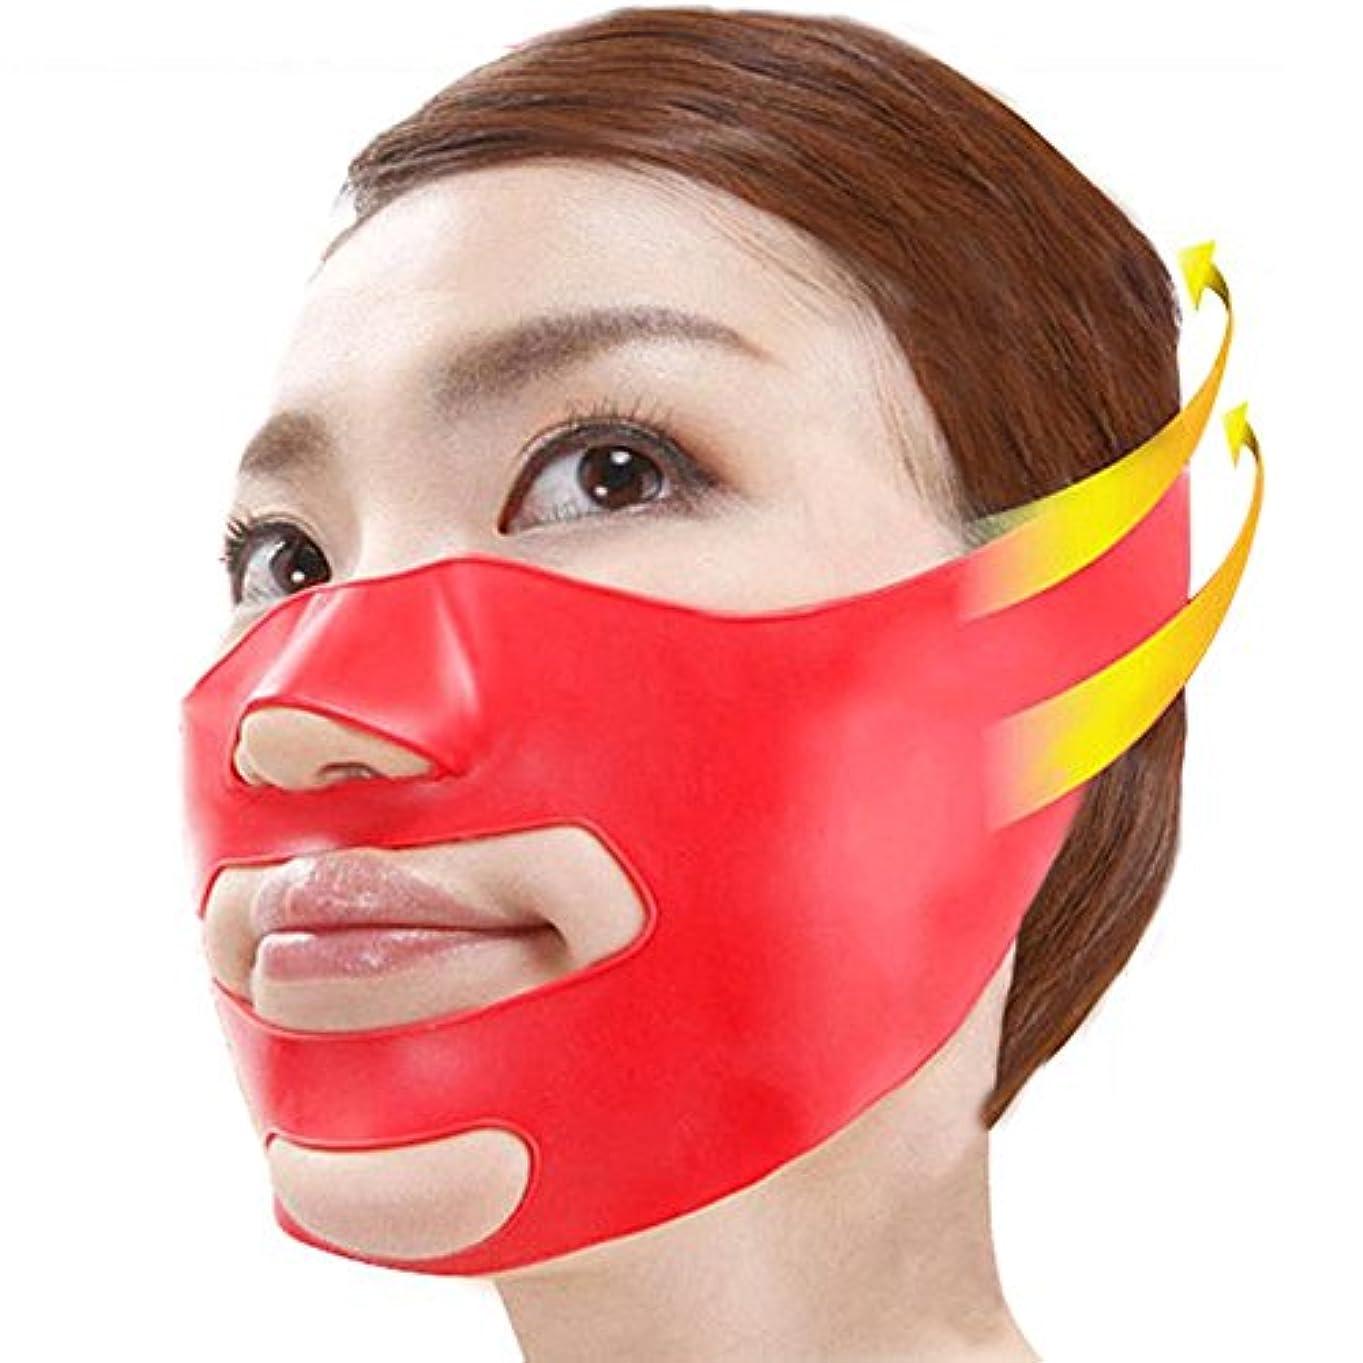 最高憲法レーダー3D 小顔 マッサージグッズ フェイスマスク 美容 顔痩せ ほうれい線 消す グッズ 美顔 矯正 (フリーサイズ, レッド)